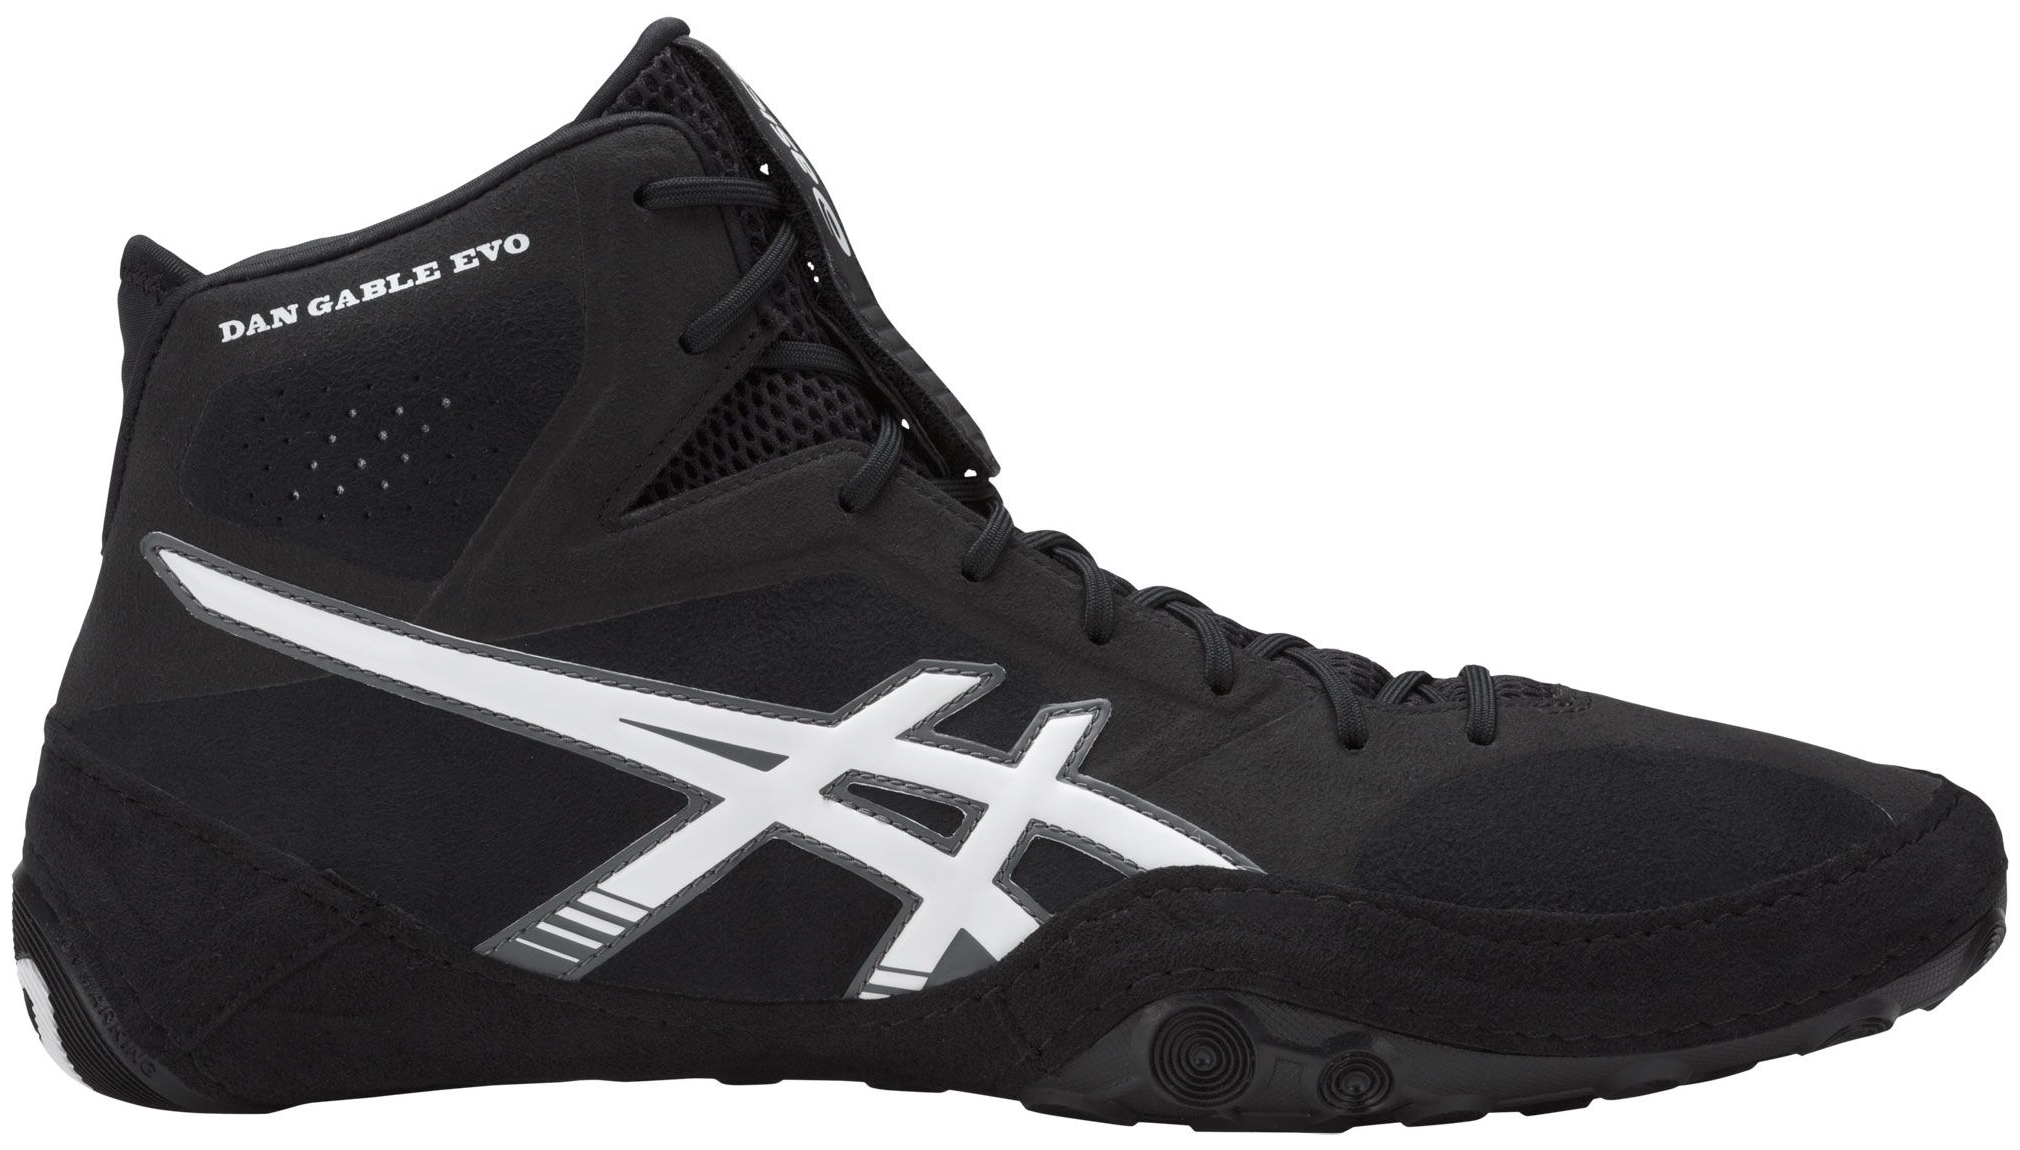 release date: 2db33 f4260 ASICS - ASICS Men s Dan Gable EVO Wrestling Shoes (Black White, 11.0) -  Walmart.com